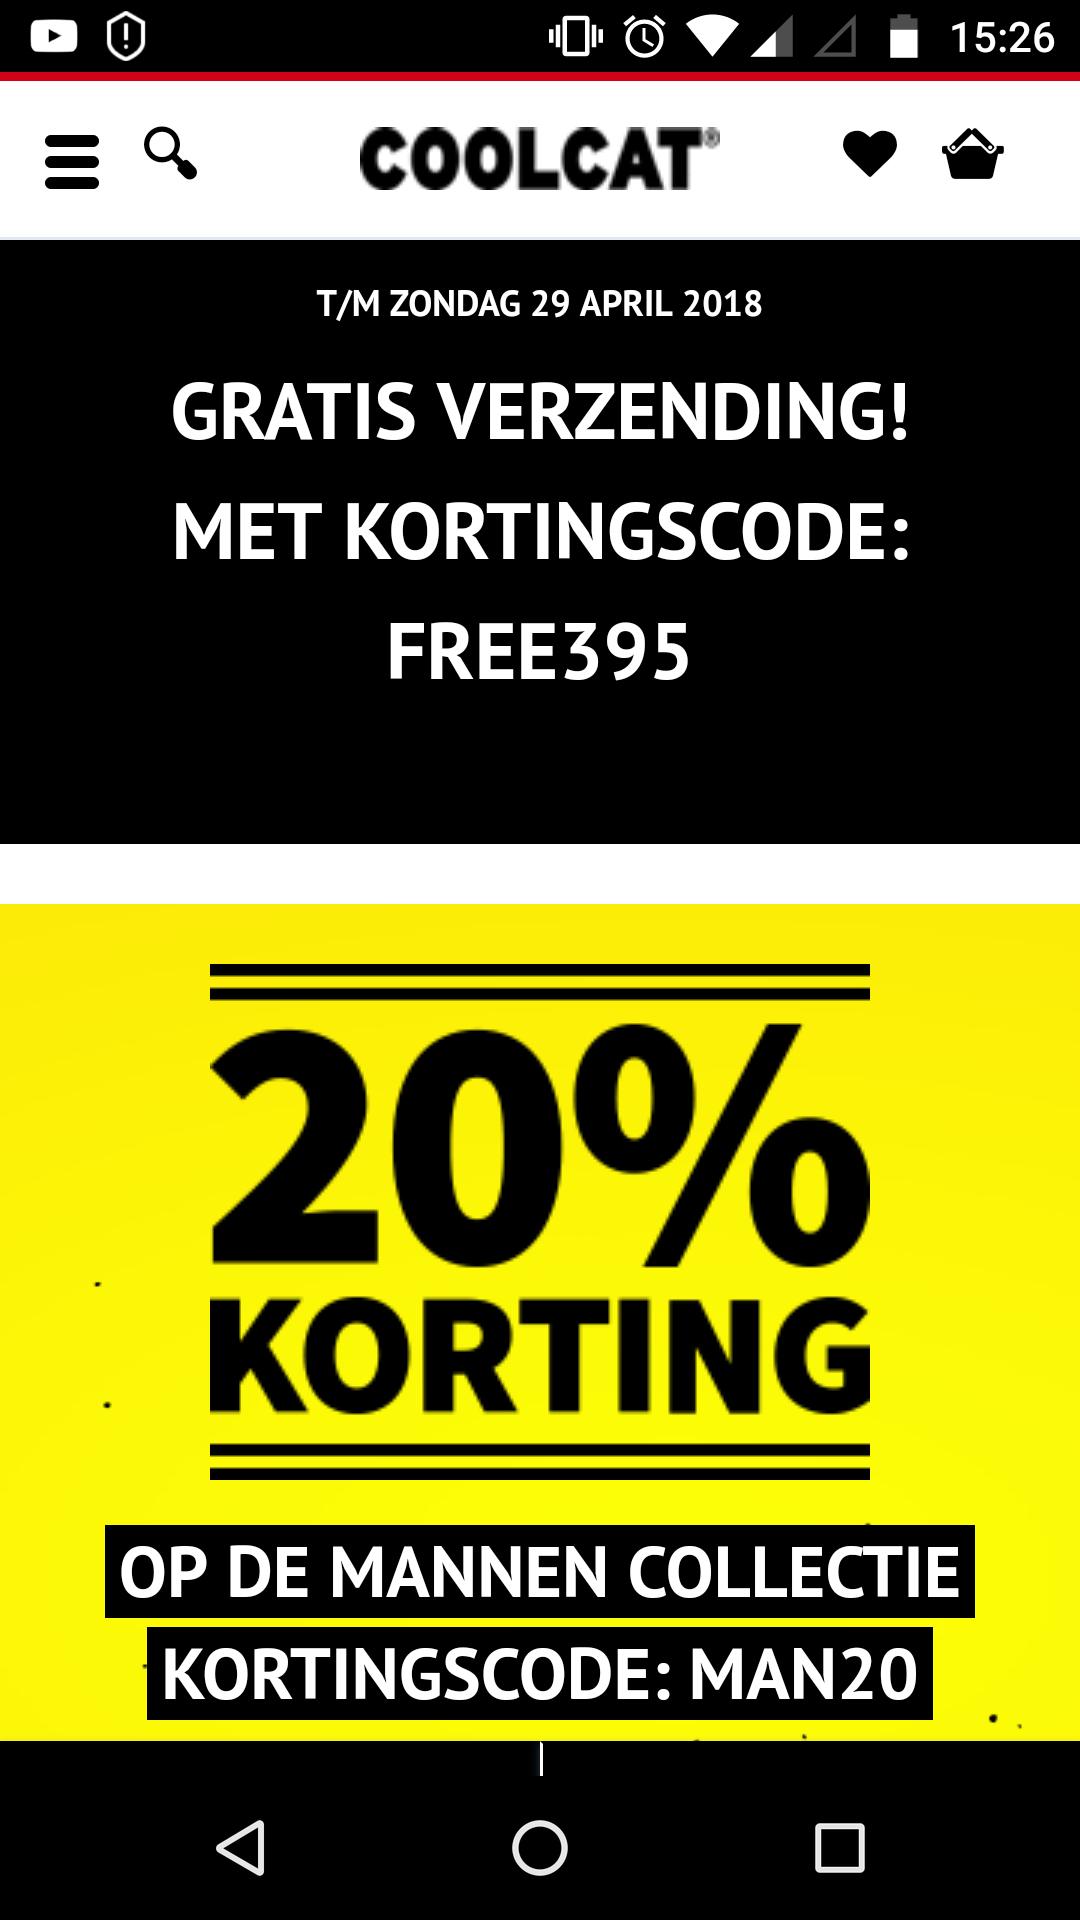 20% korting op mannen collectie, gratis verzending met Code free395